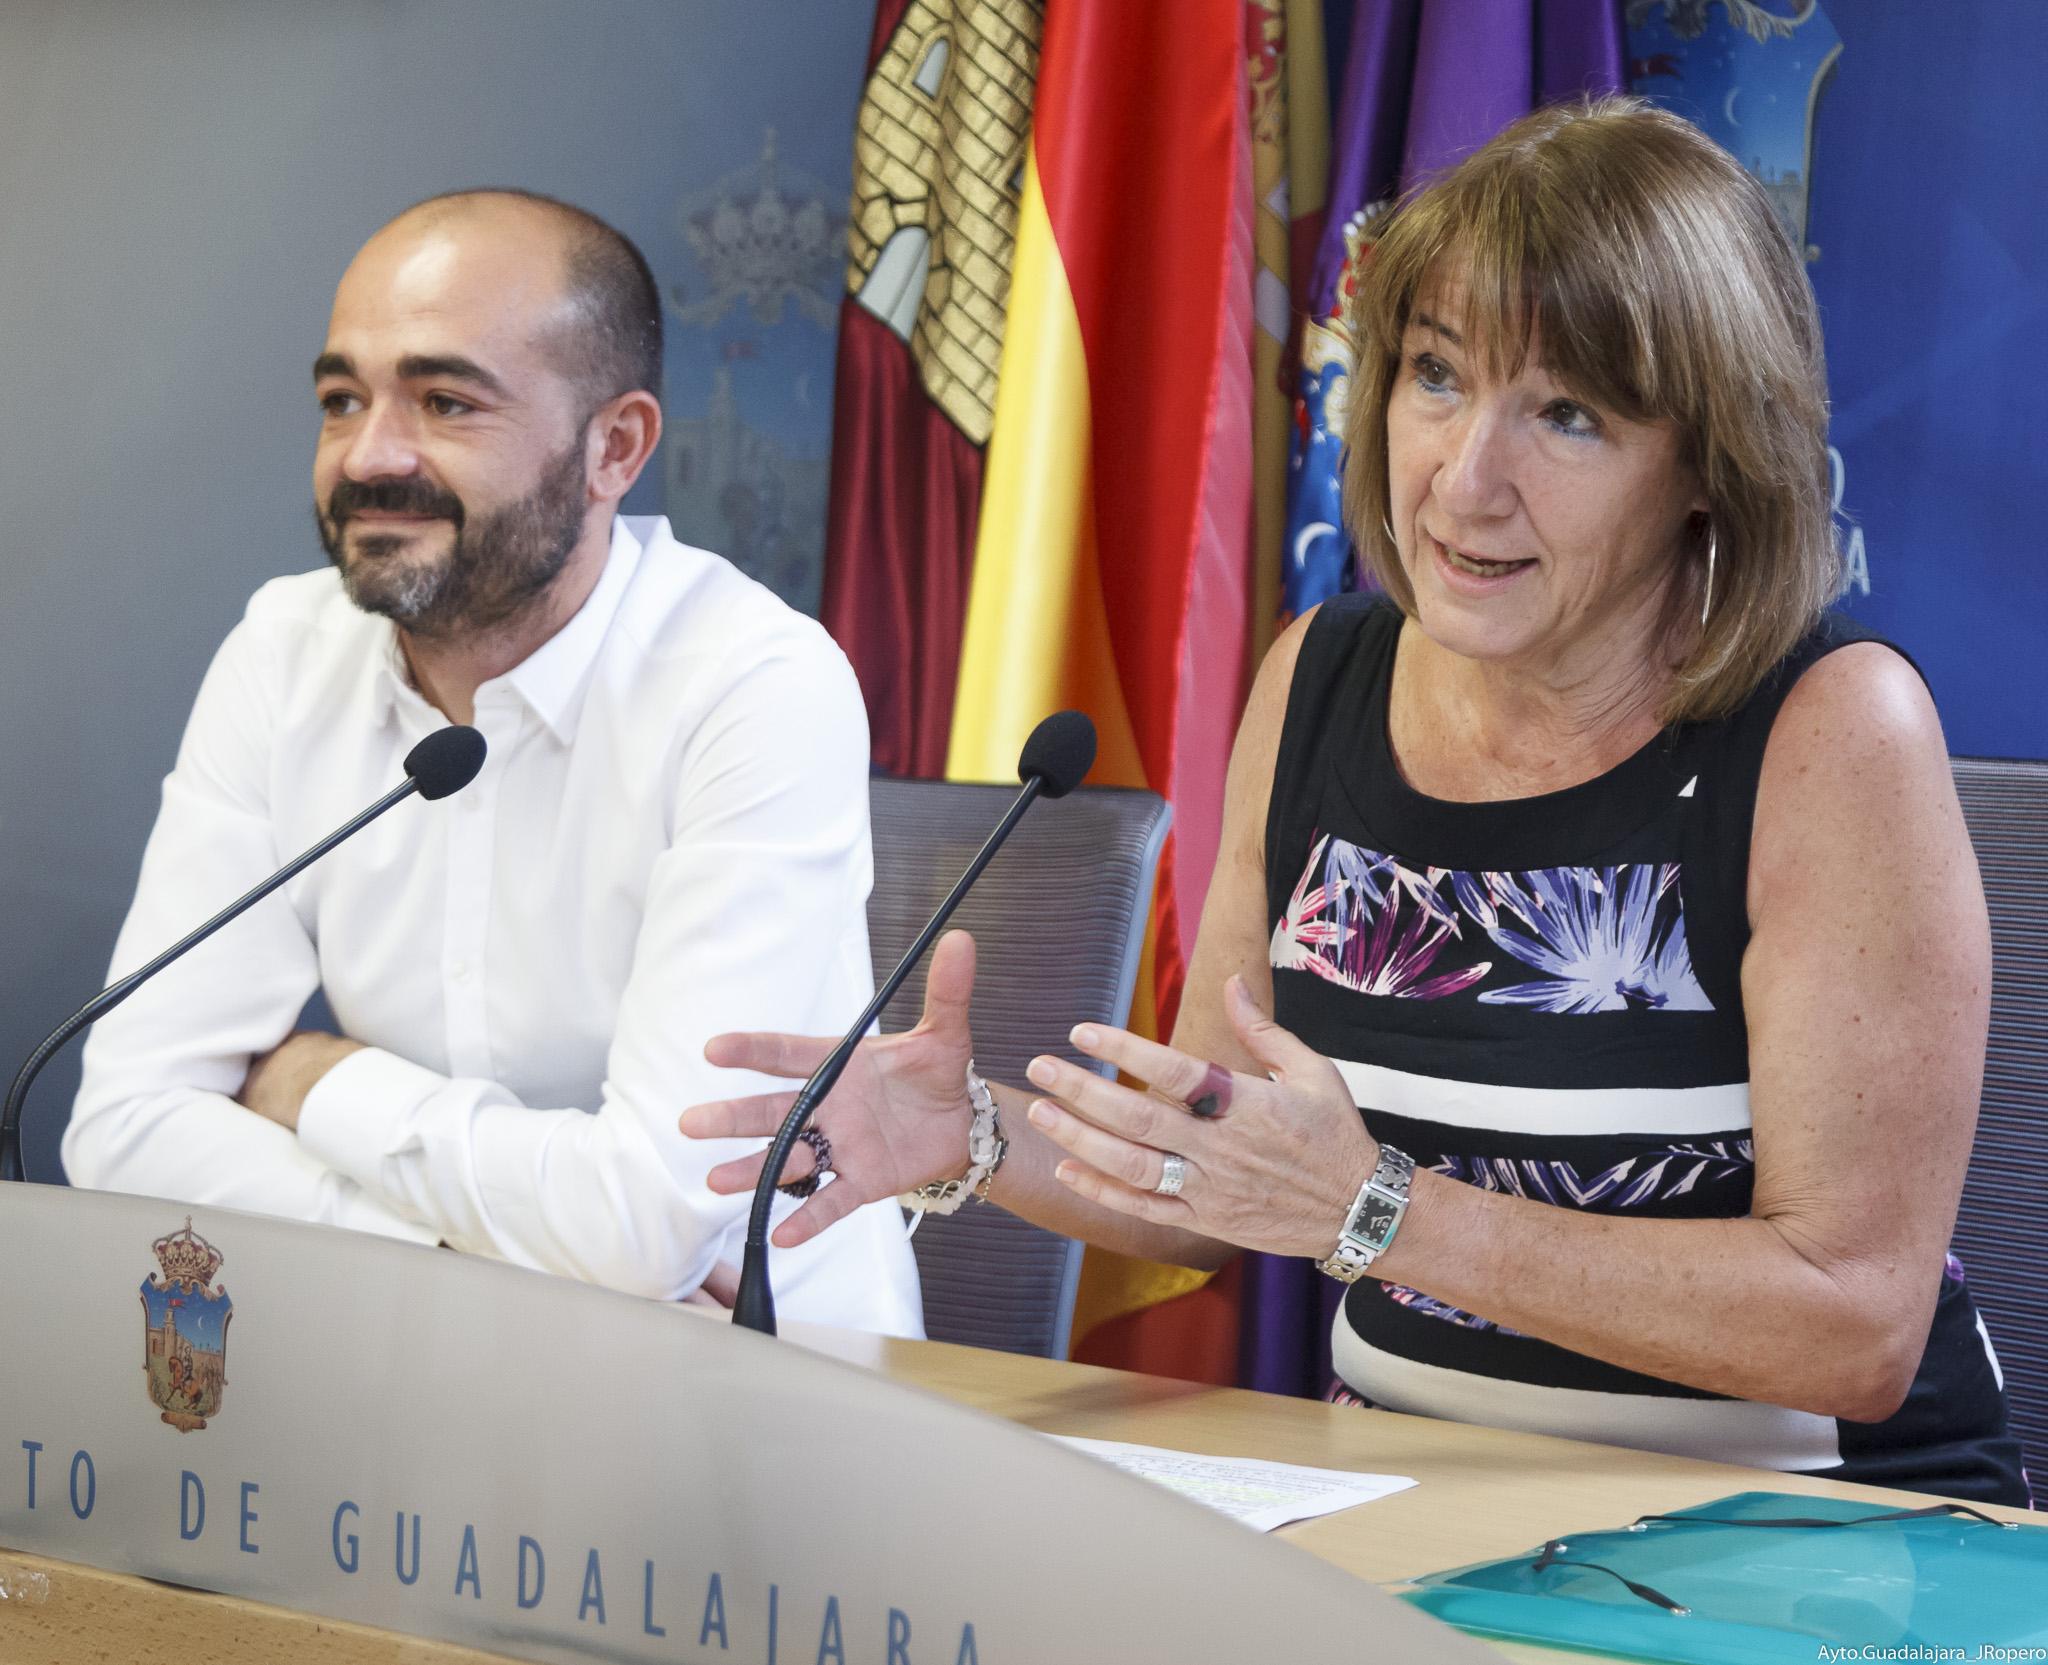 El nuevo equipo de Gobierno del Ayuntamiento de Guadalajara pone en marcha un ambicioso programa de medidas para proteger nuestro clima, revertir los efectos de la contaminación y para concienciar a la ciudadanía